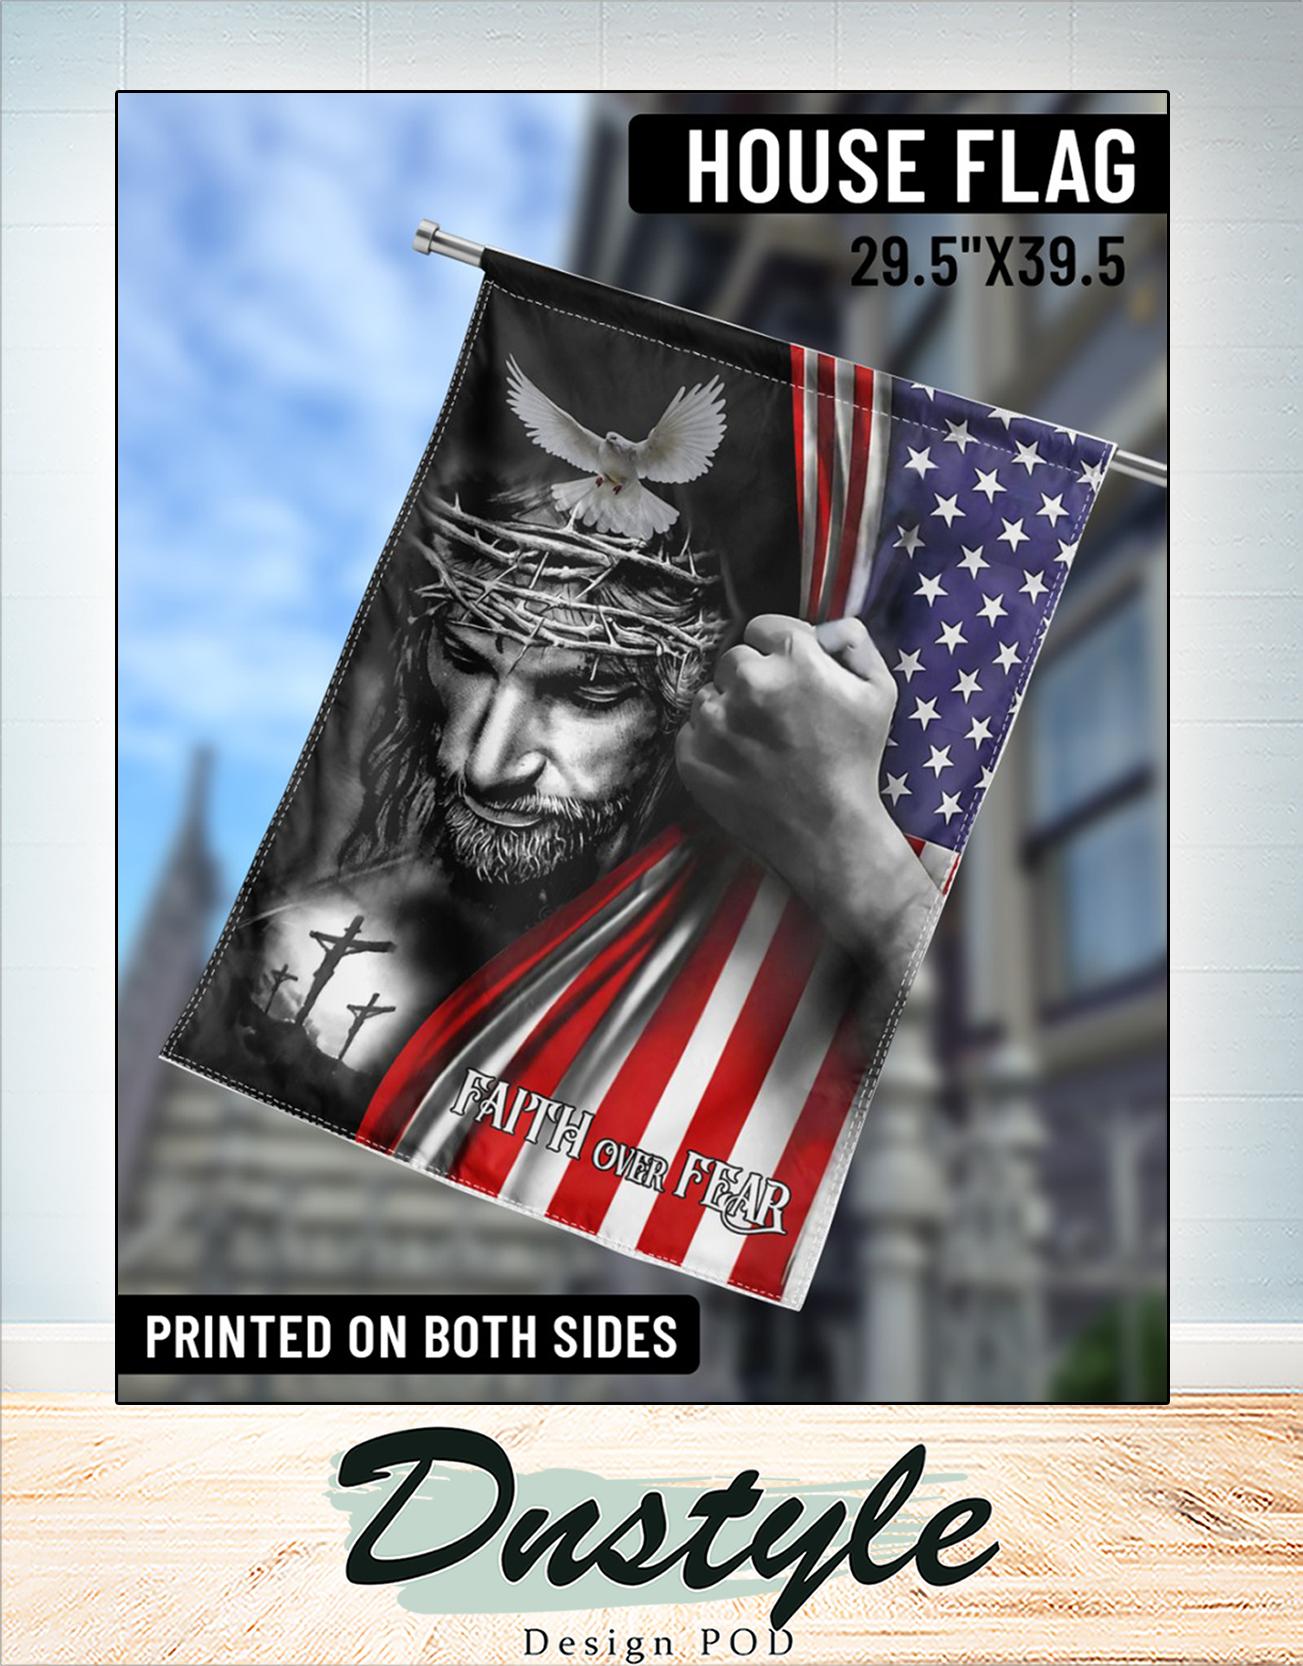 Jesus faith over fear american flag 2